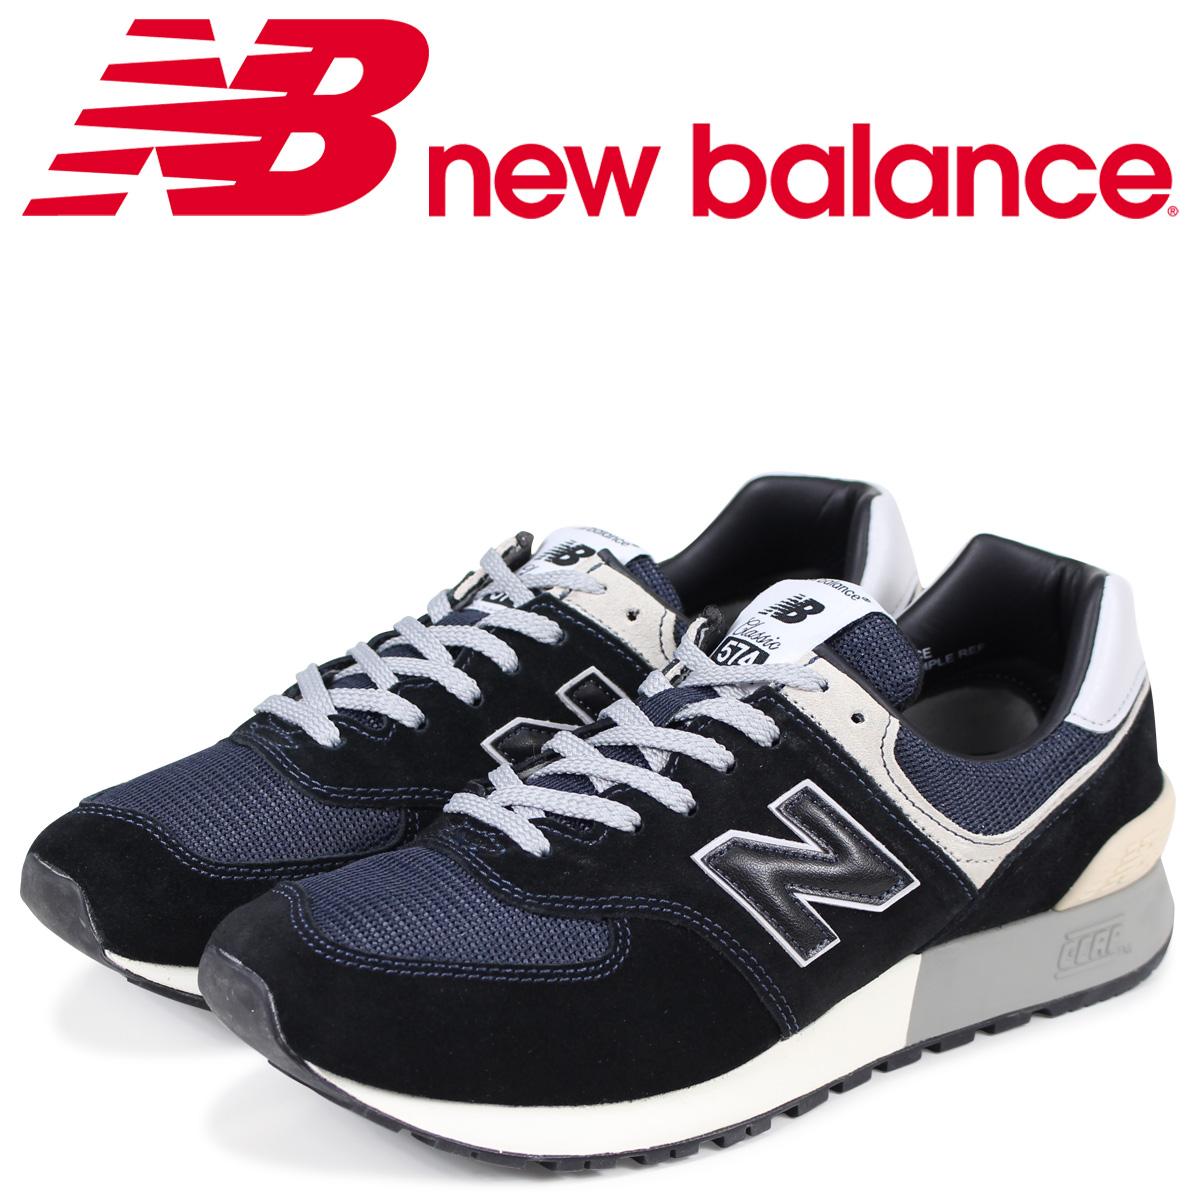 new balance 574 メンズ ニューバランス スニーカー MLP574CB Dワイズ ブラック 黒